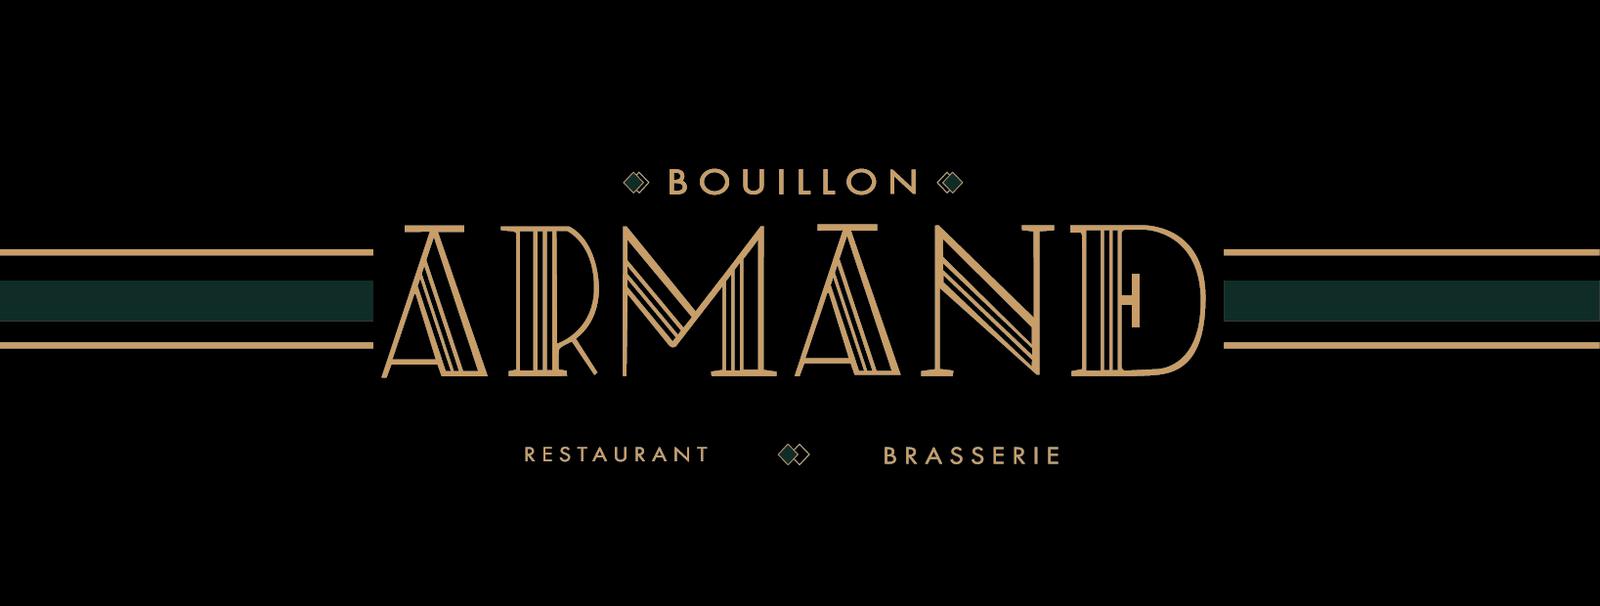 Bayonne : le Bouillon Armand, ça vous dit quelque chose ?